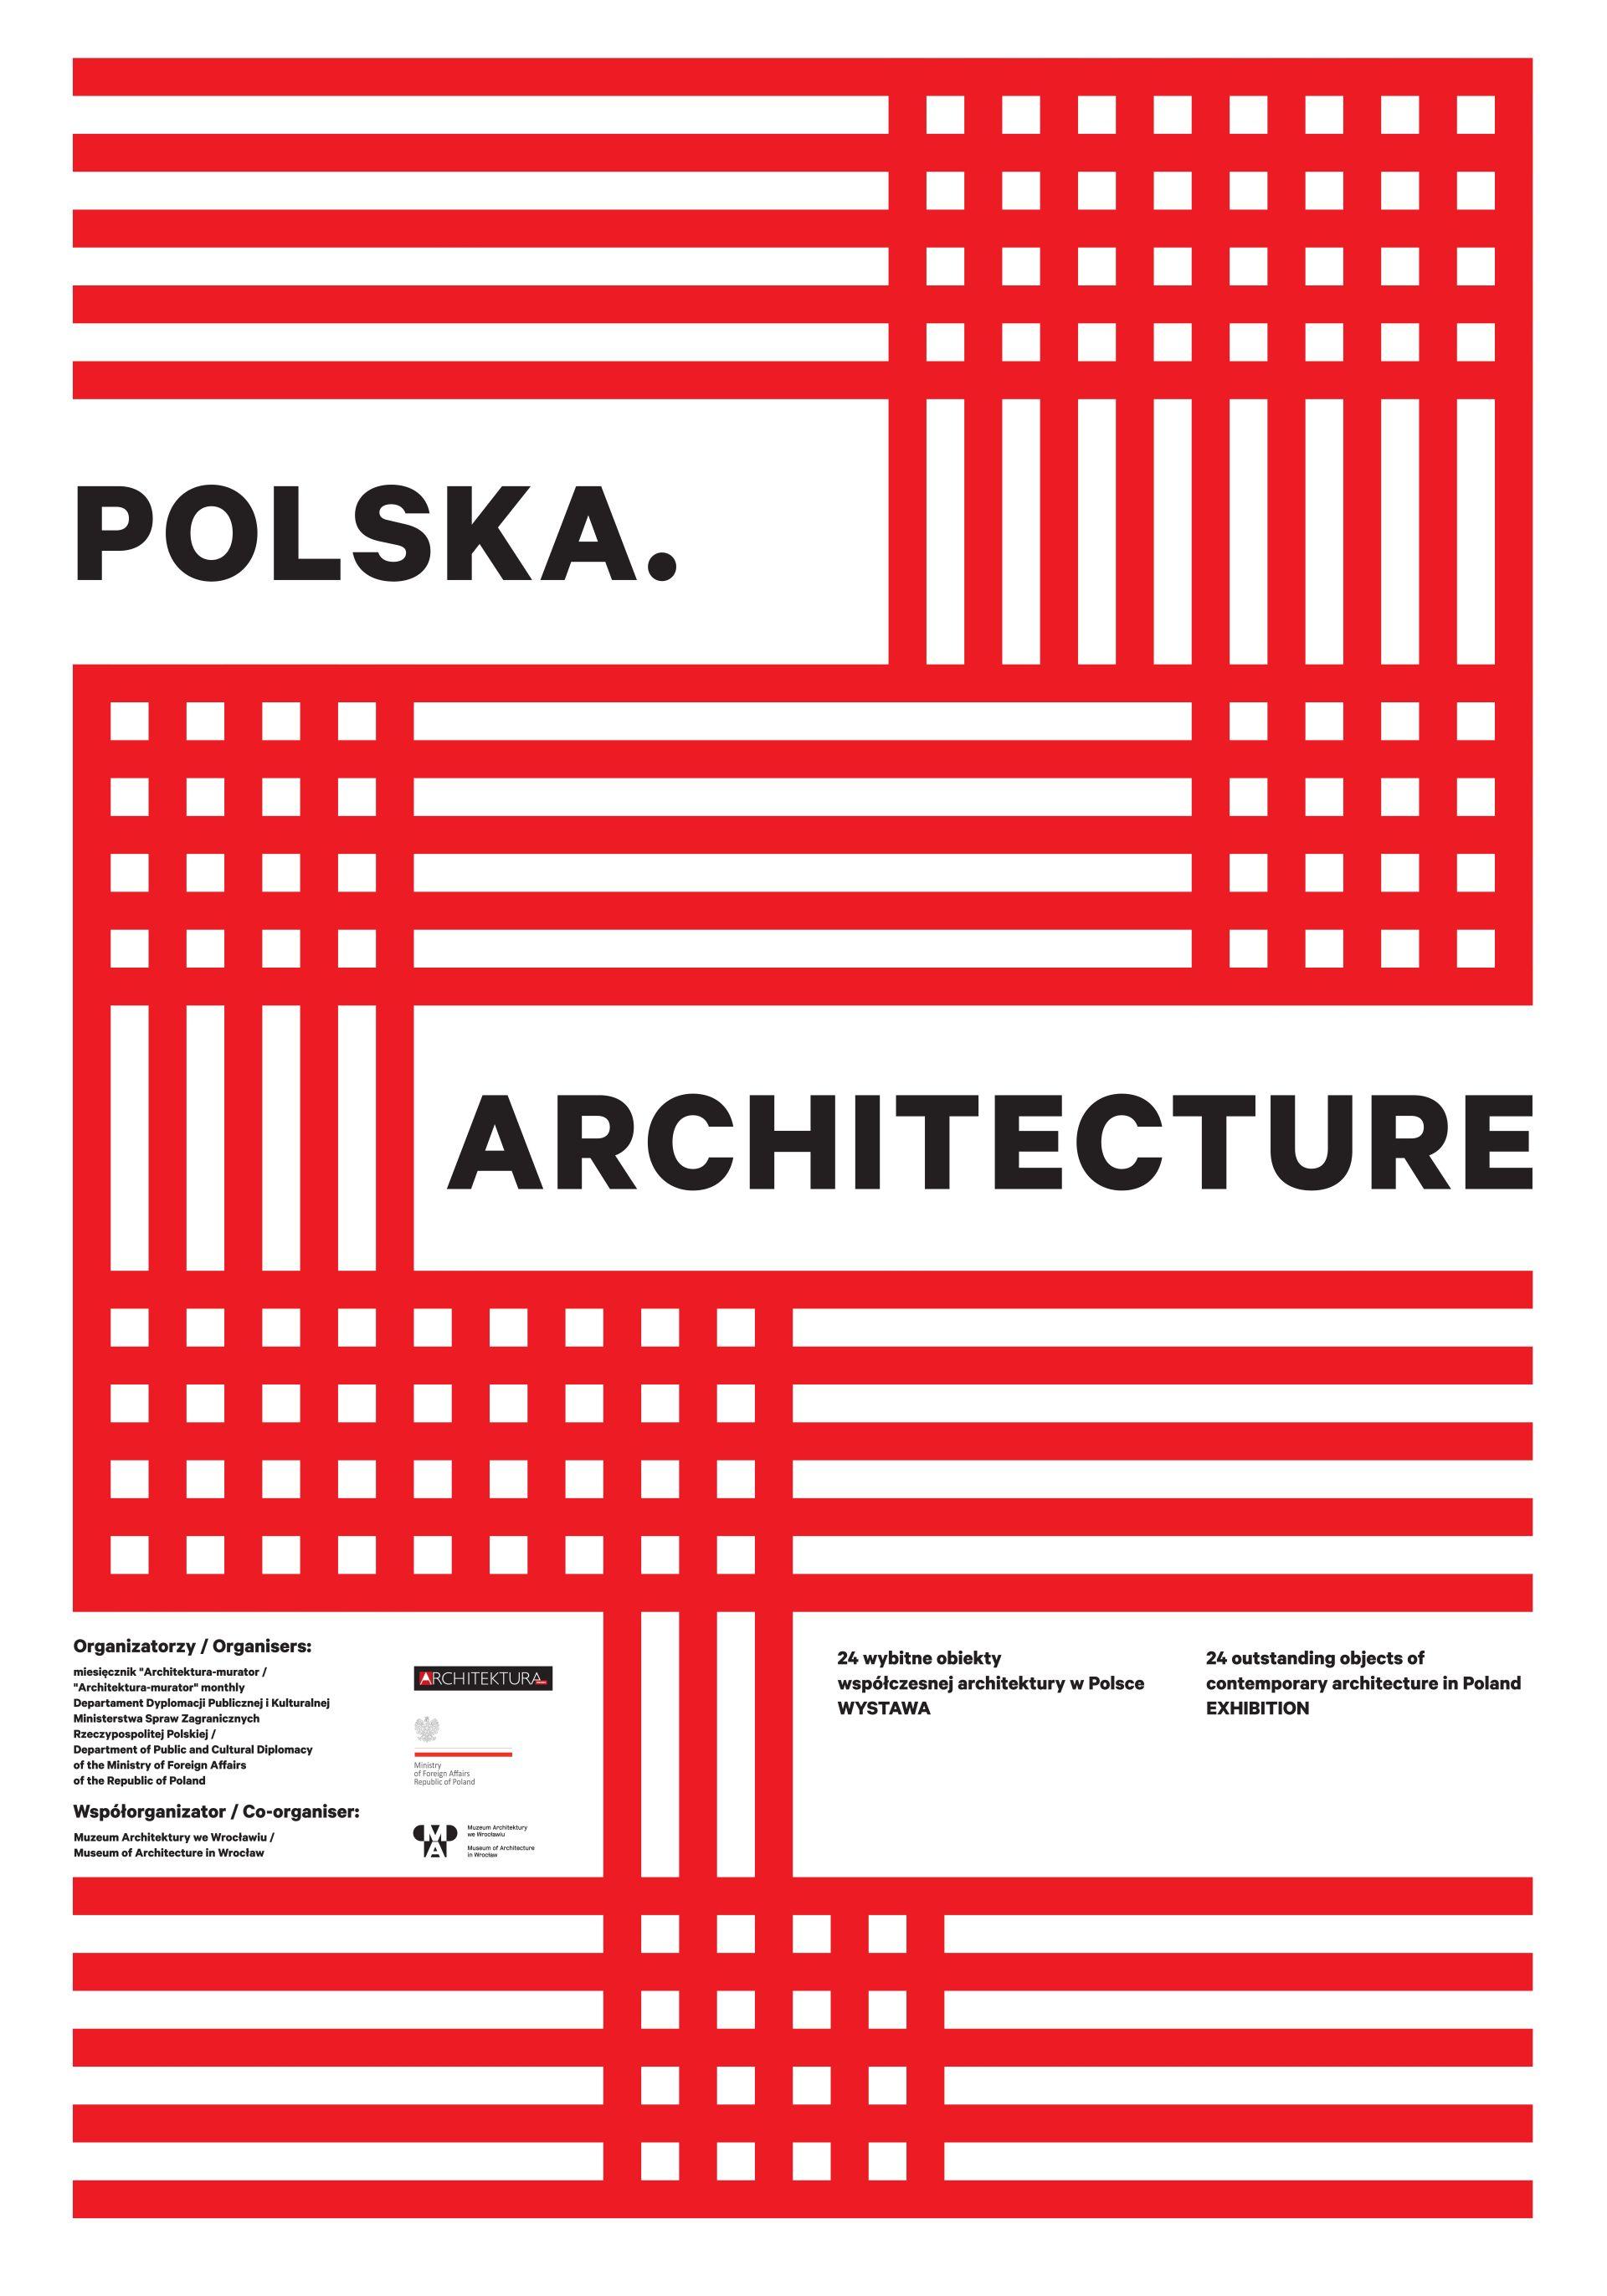 """""""Polska. Architecture – promocja Polski poprzez architekturę"""" – plakat (źródło: materiały prasowe)"""